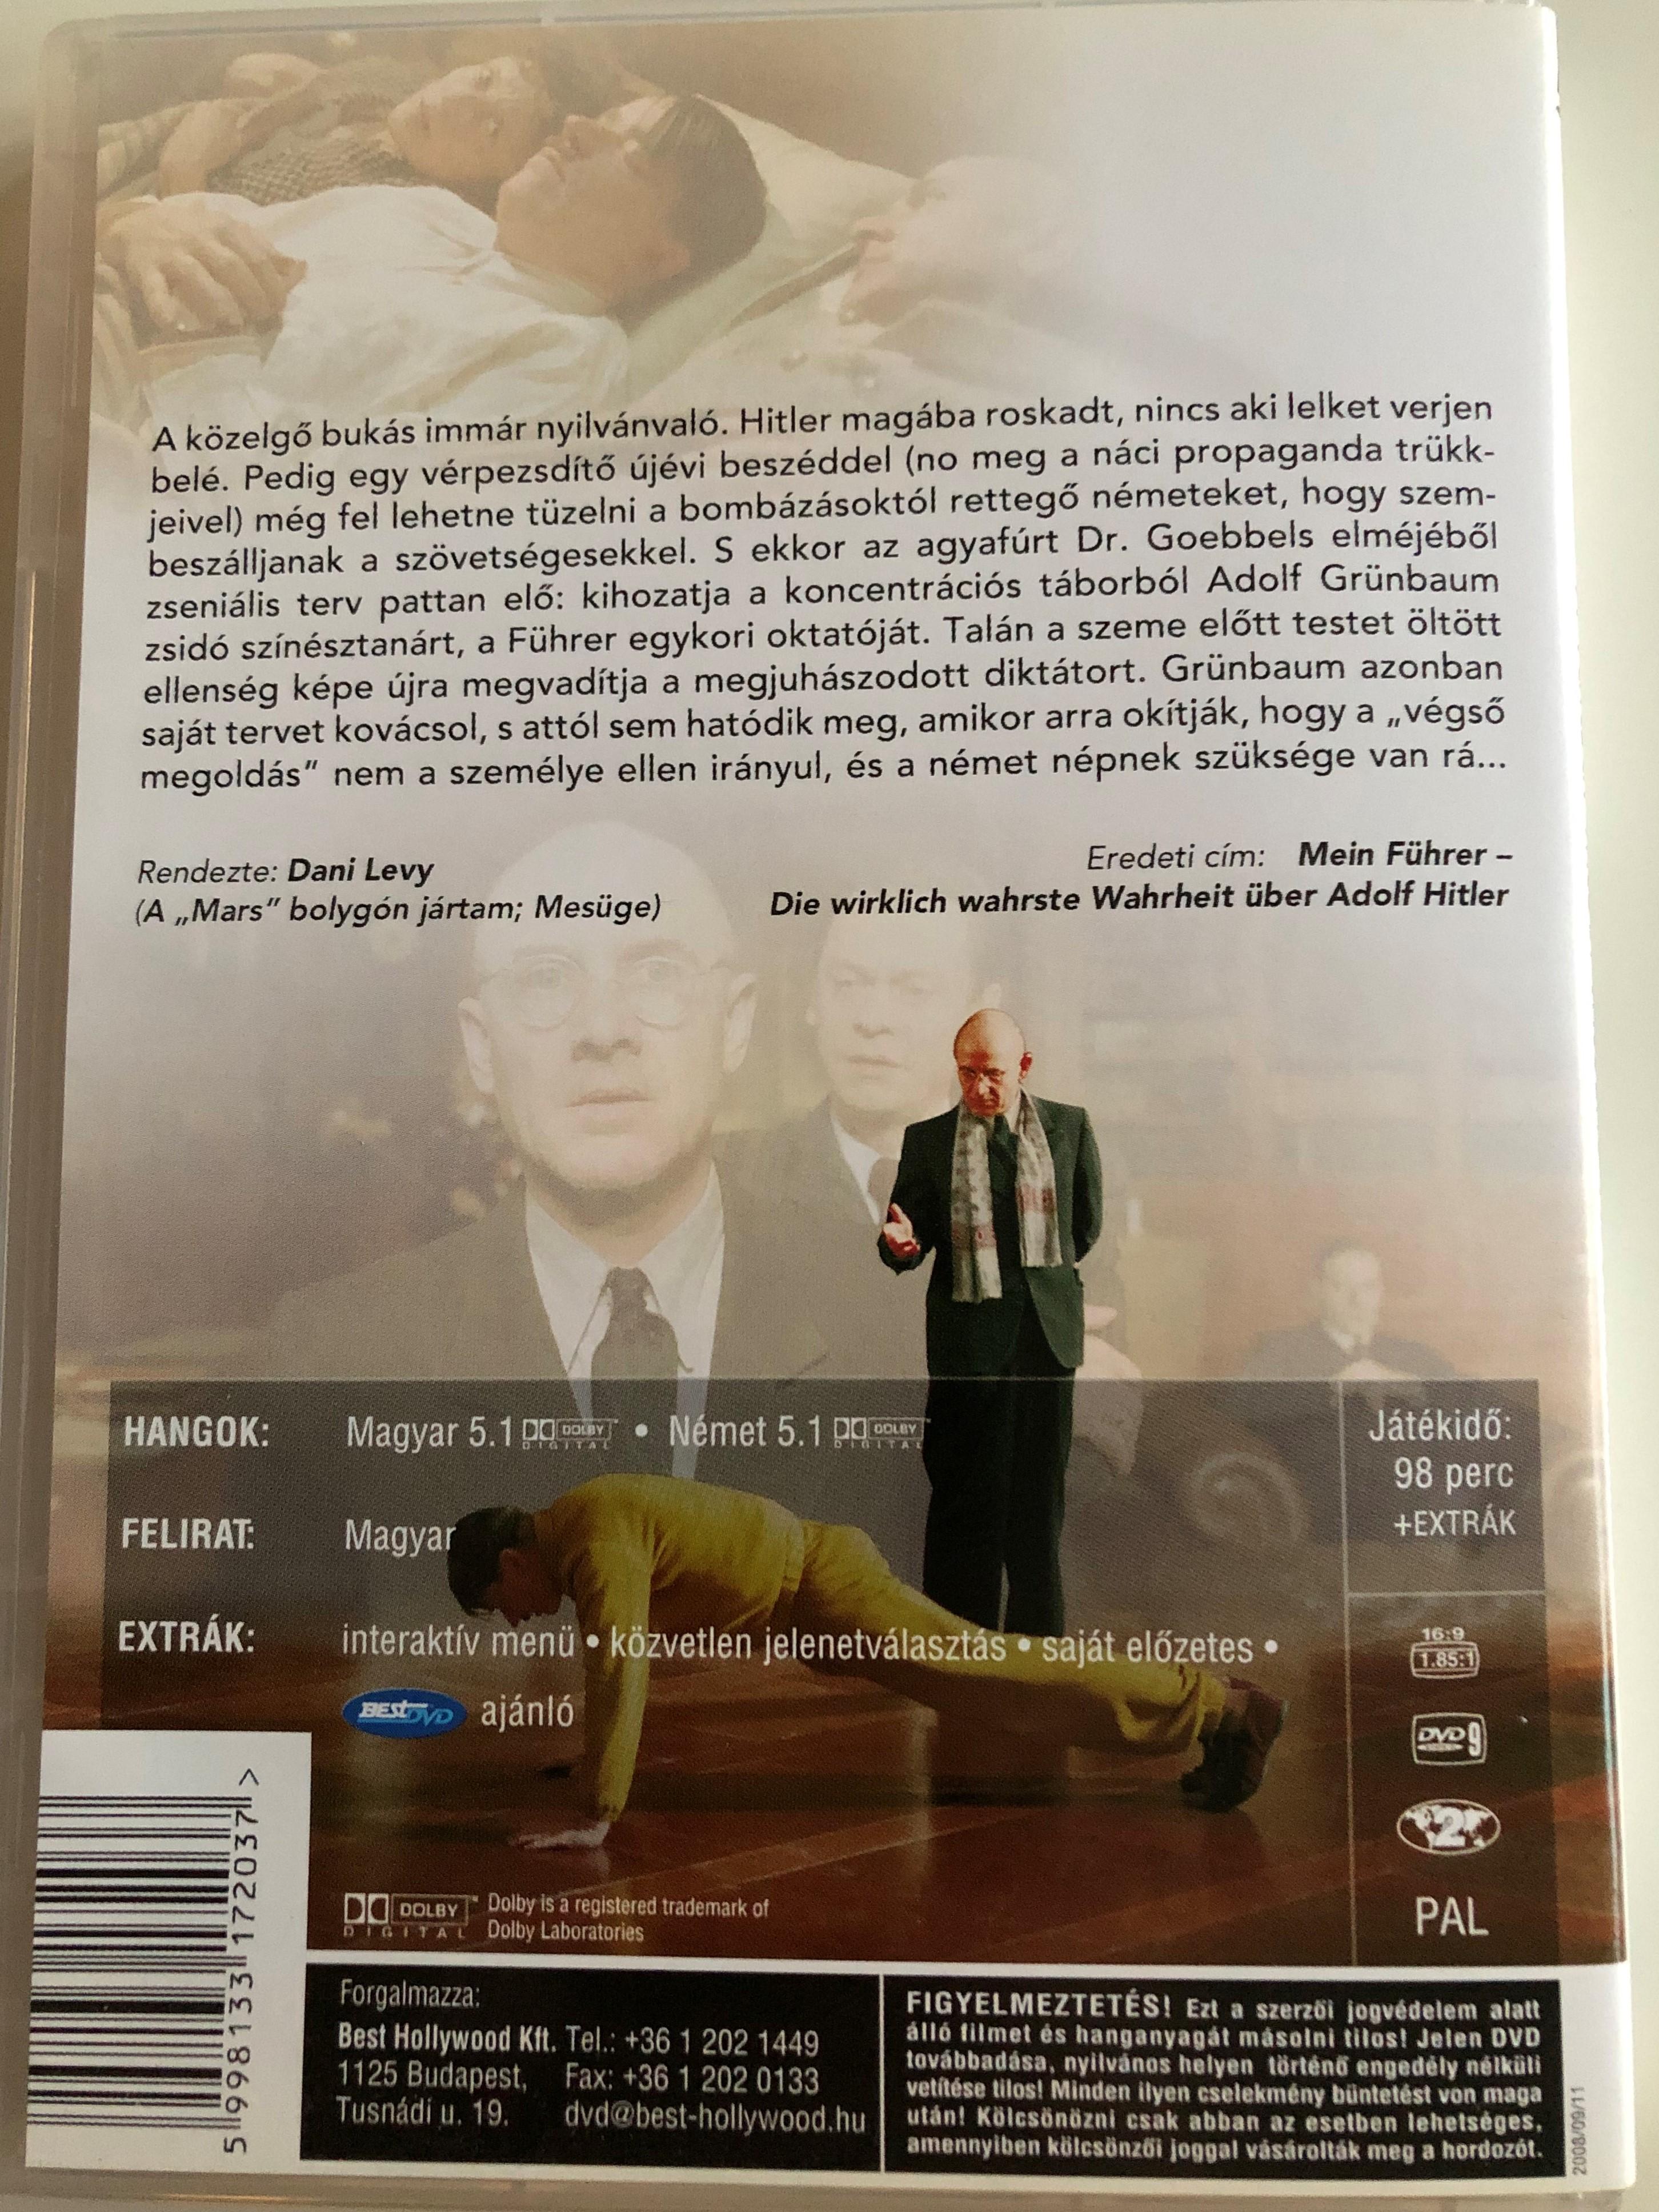 mein-f-hrer-dvd-2007-die-wirklich-wahrste-wahrheit-ber-adolf-hitler-2.jpg